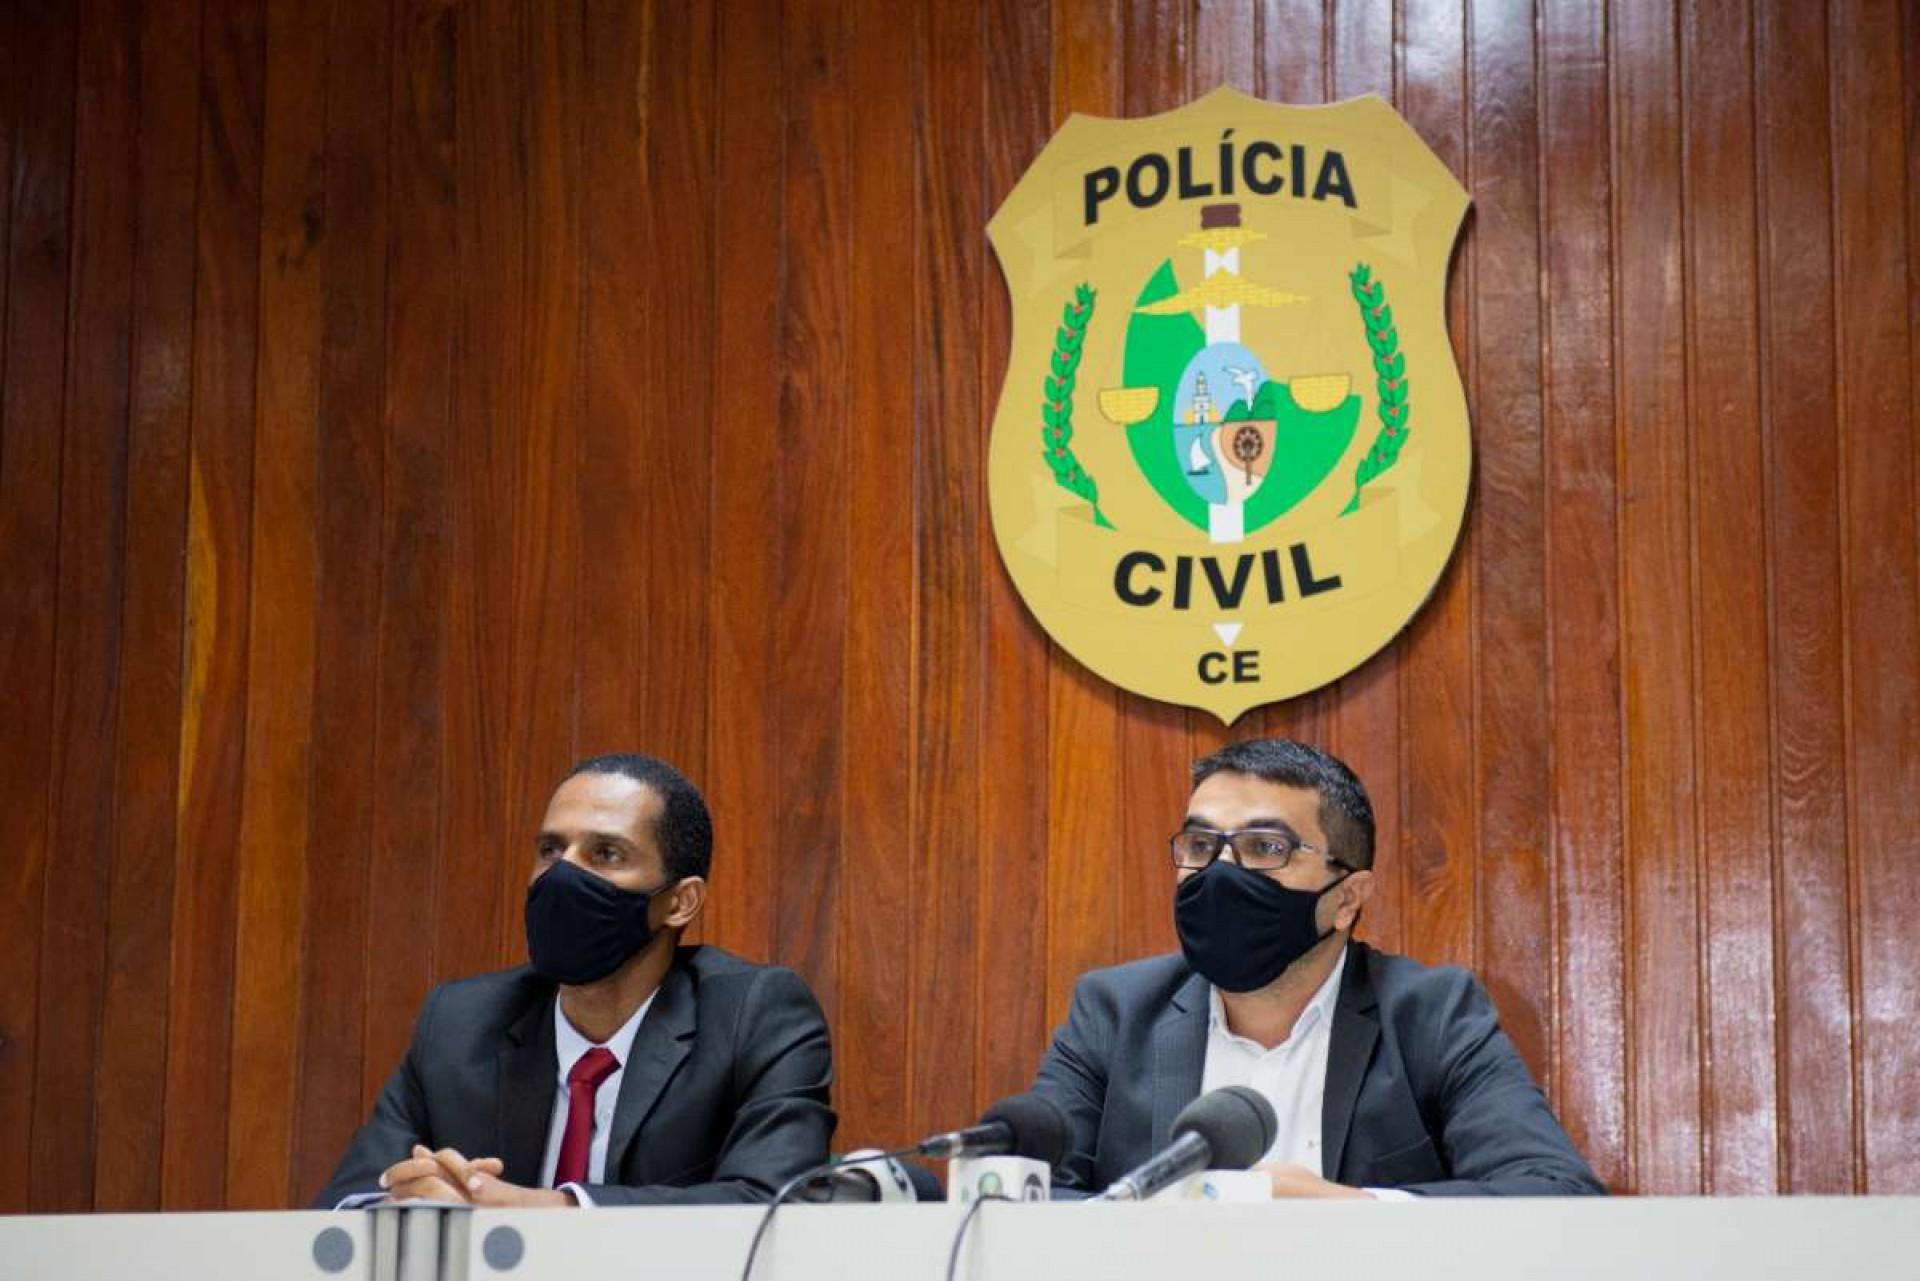 PRISÃO da advogada foi detalhada em entrevista coletiva realizada ontem